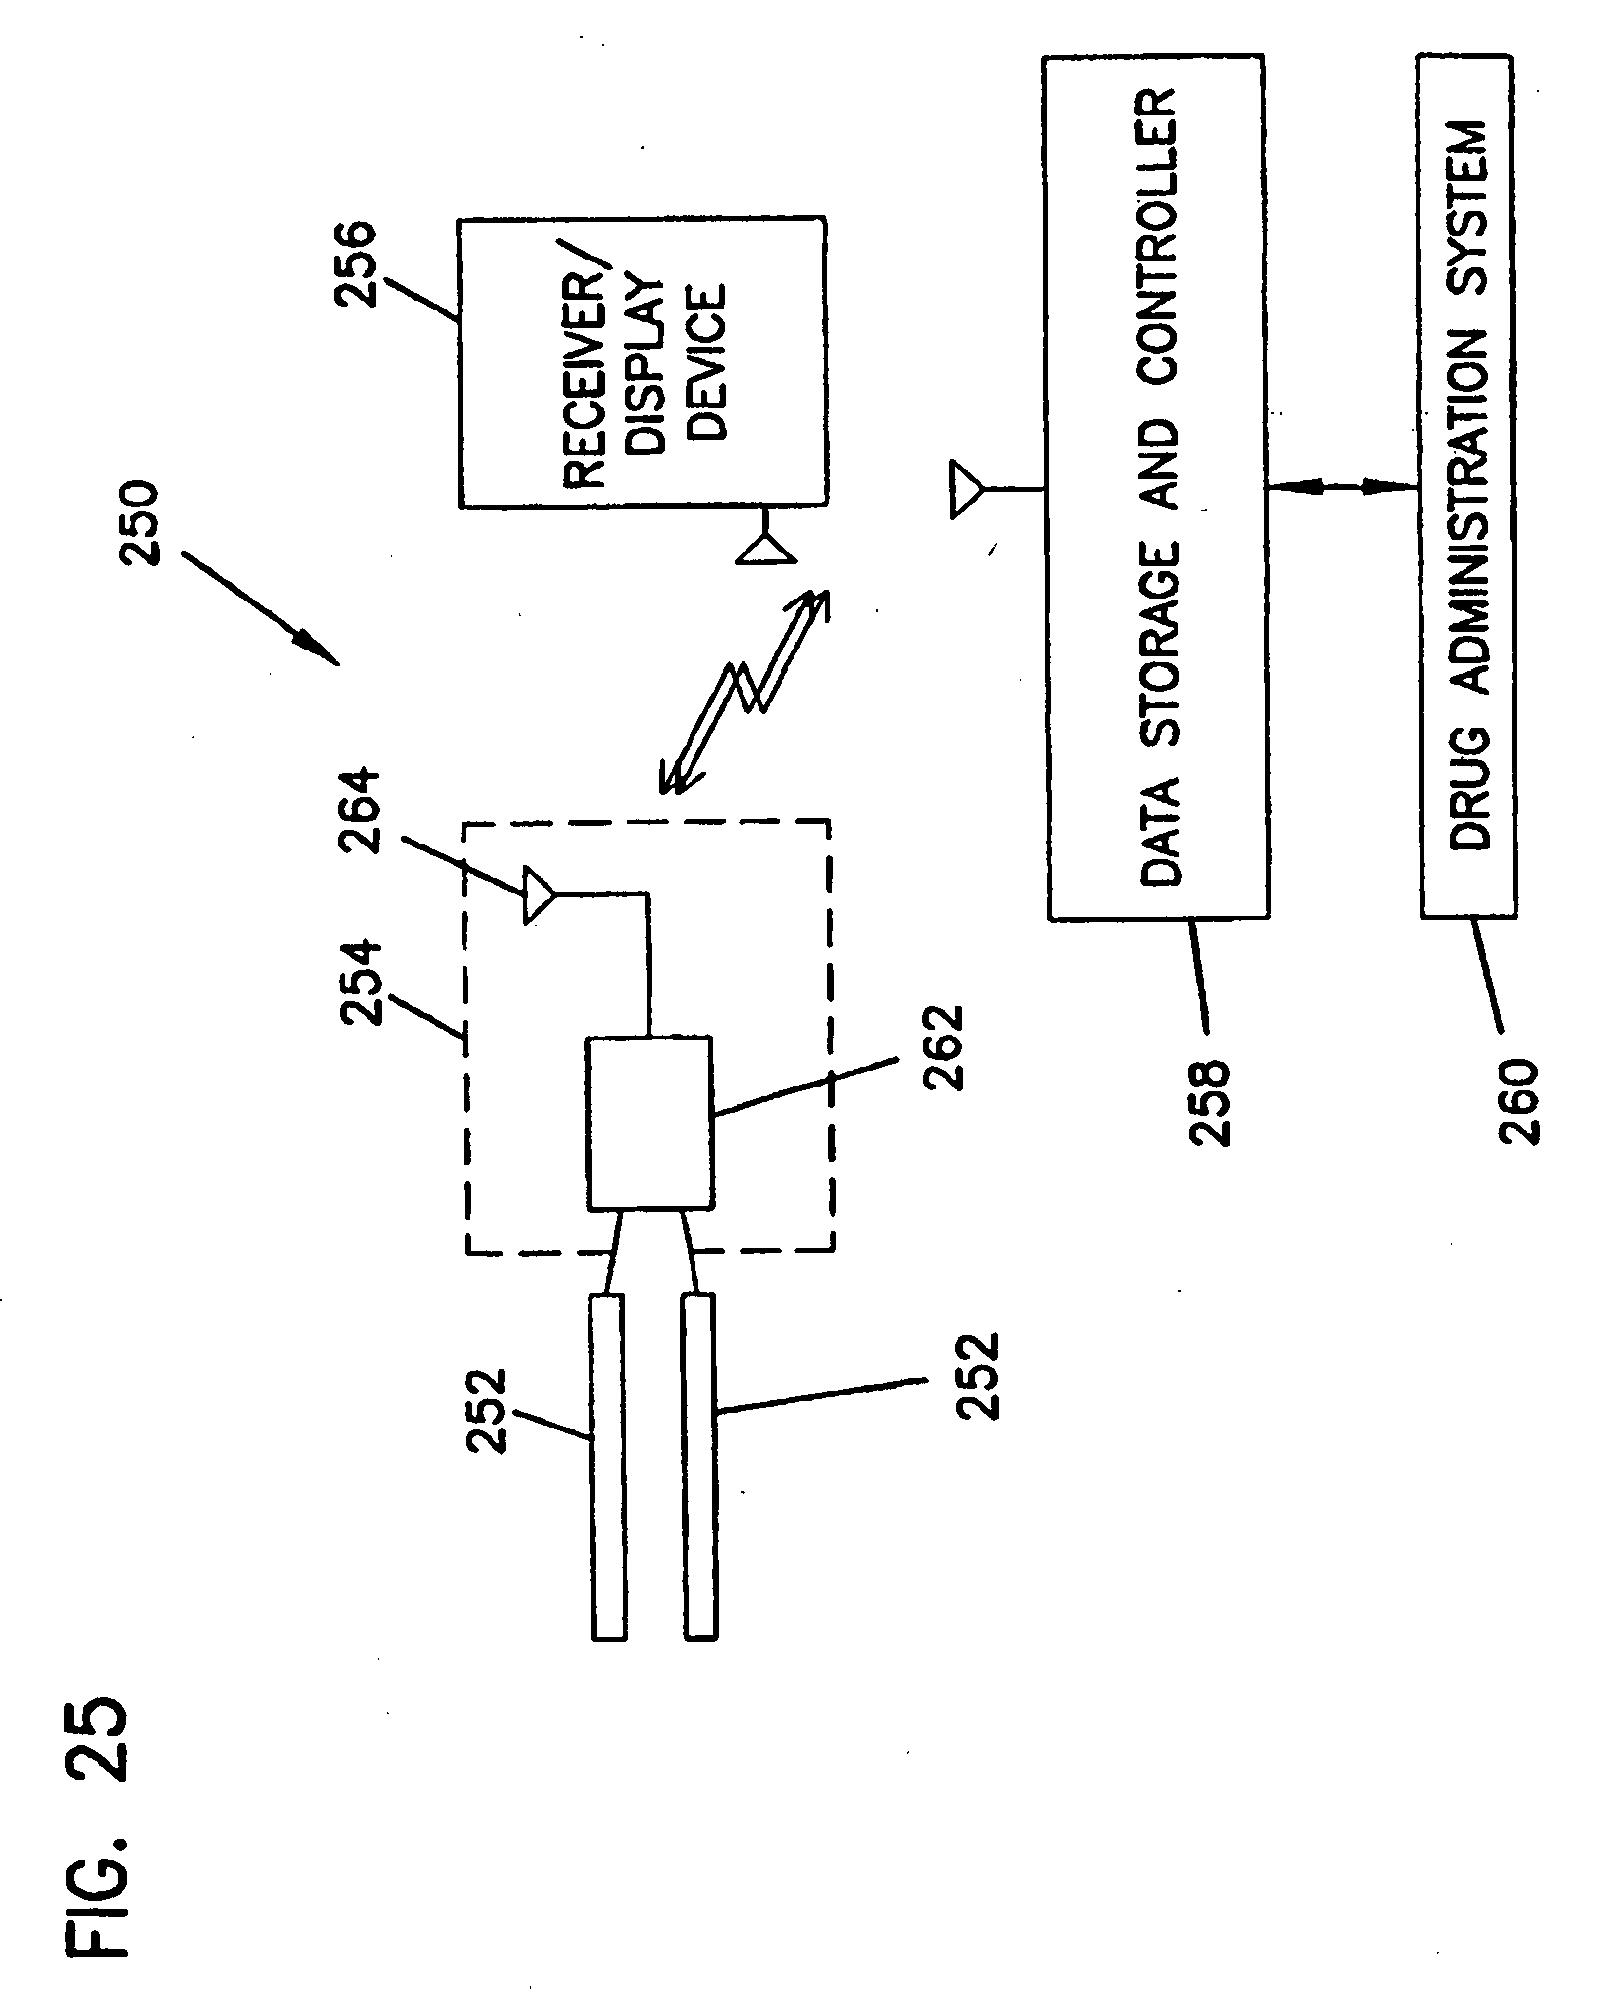 Ep2305108b1 Analyte Monitoring Device Google Patents 1970 Chris Craft Lancer Wiring Diagram